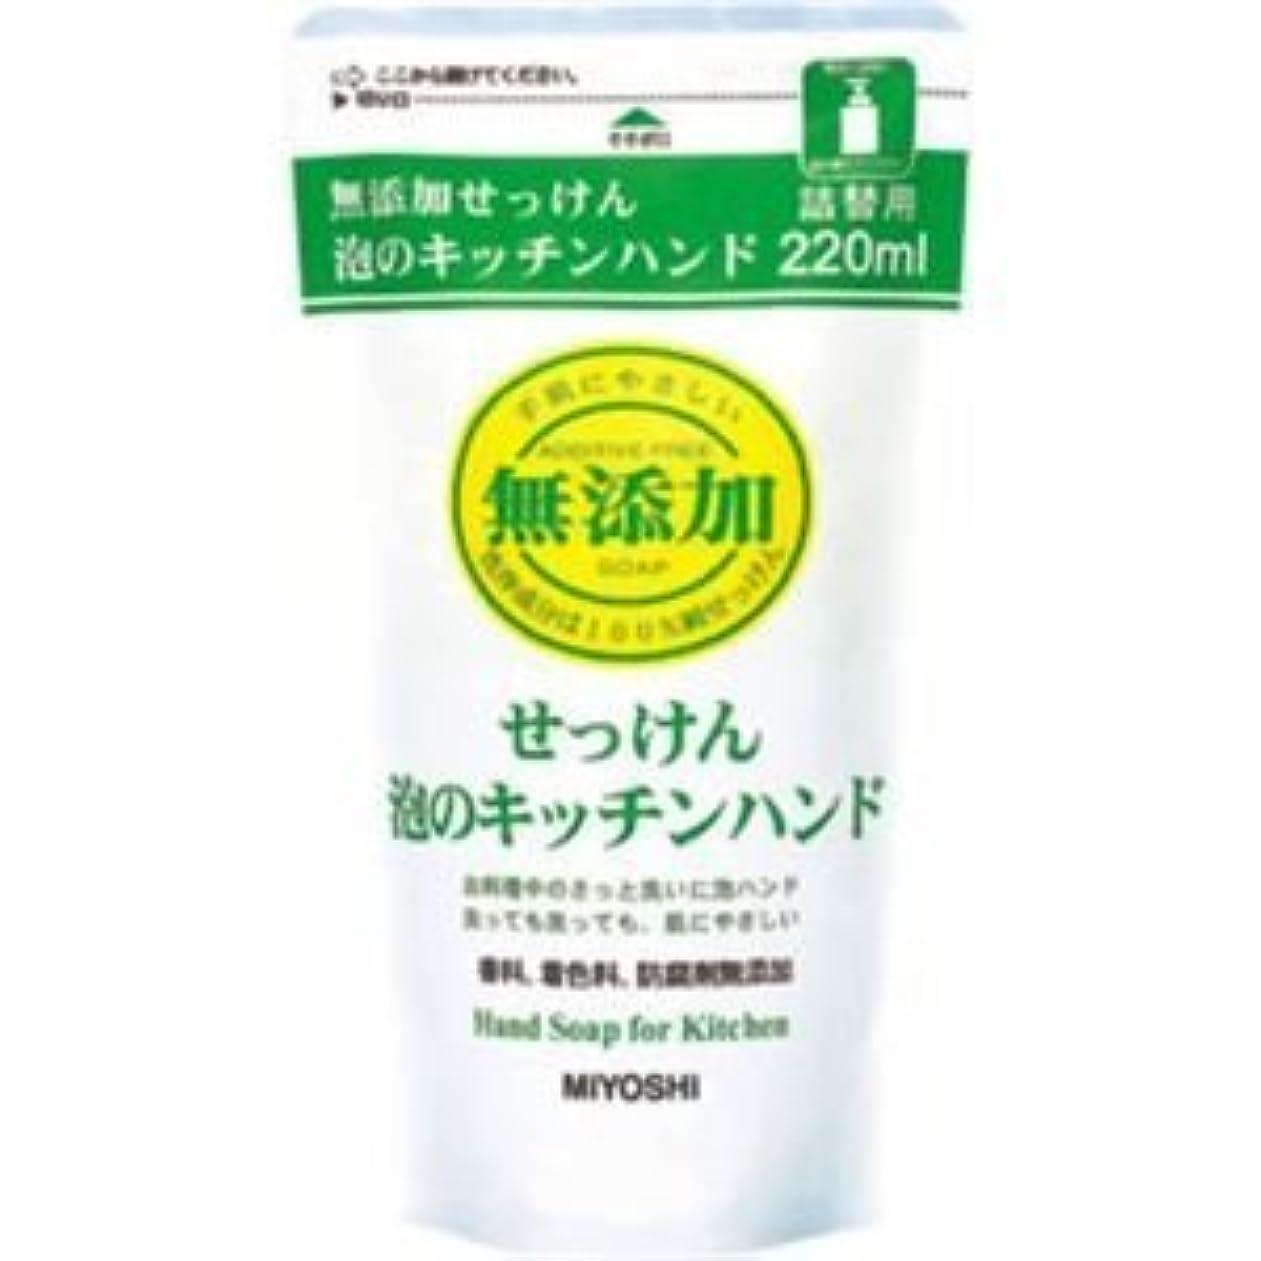 クライマックスバッジ協力するミヨシ 無添加 キッチンハンドソープ つめかえ用 220ml(無添加石鹸) 14セット